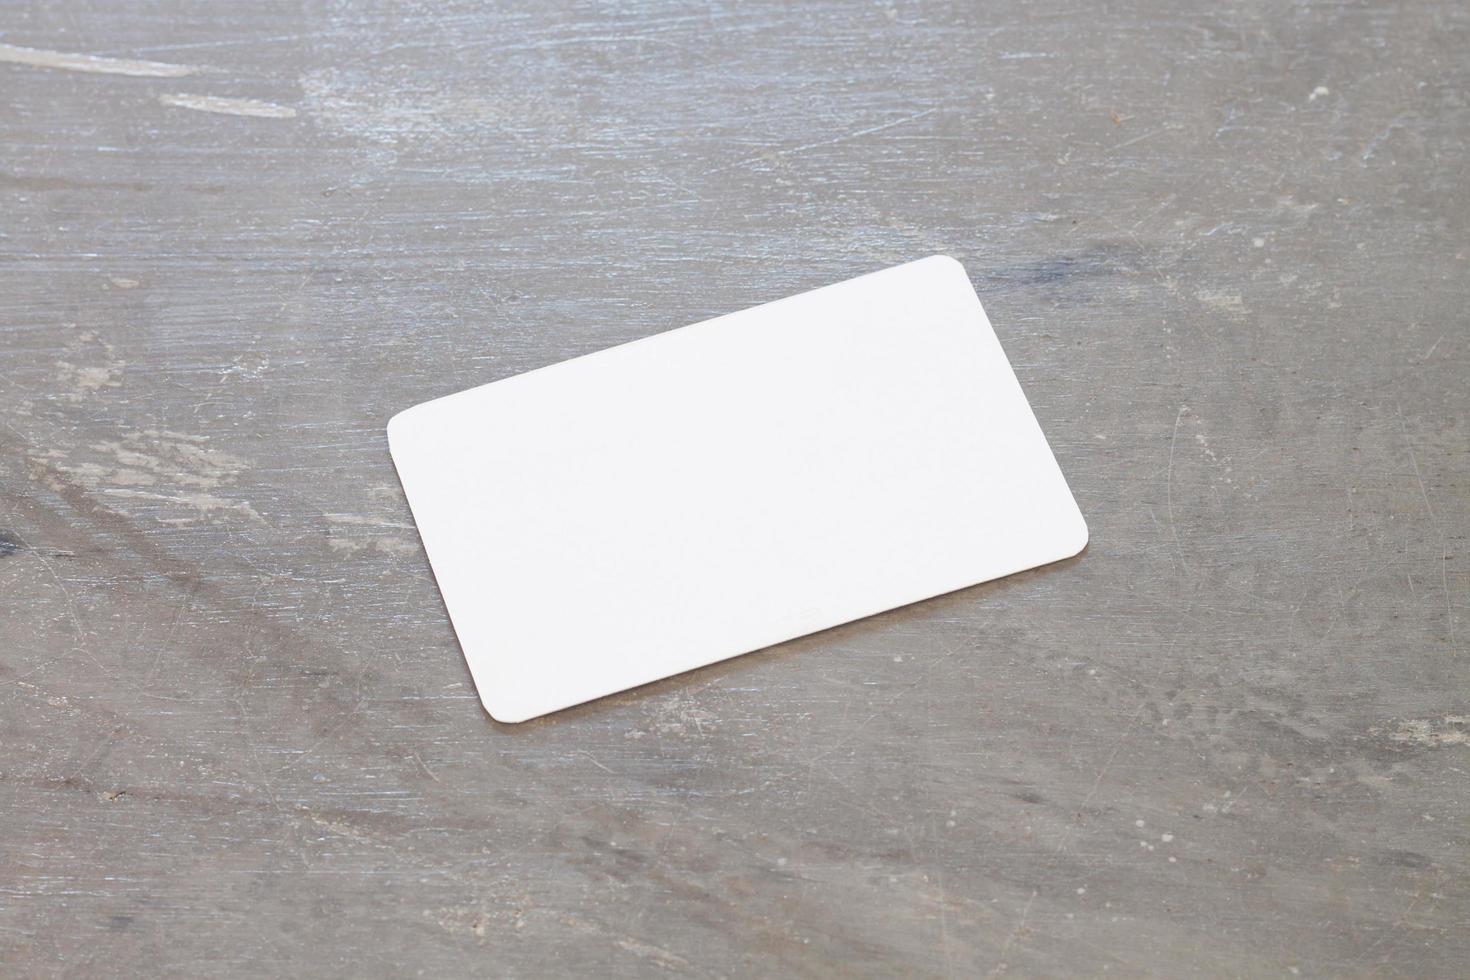 cartão de visita em um fundo cinza foto